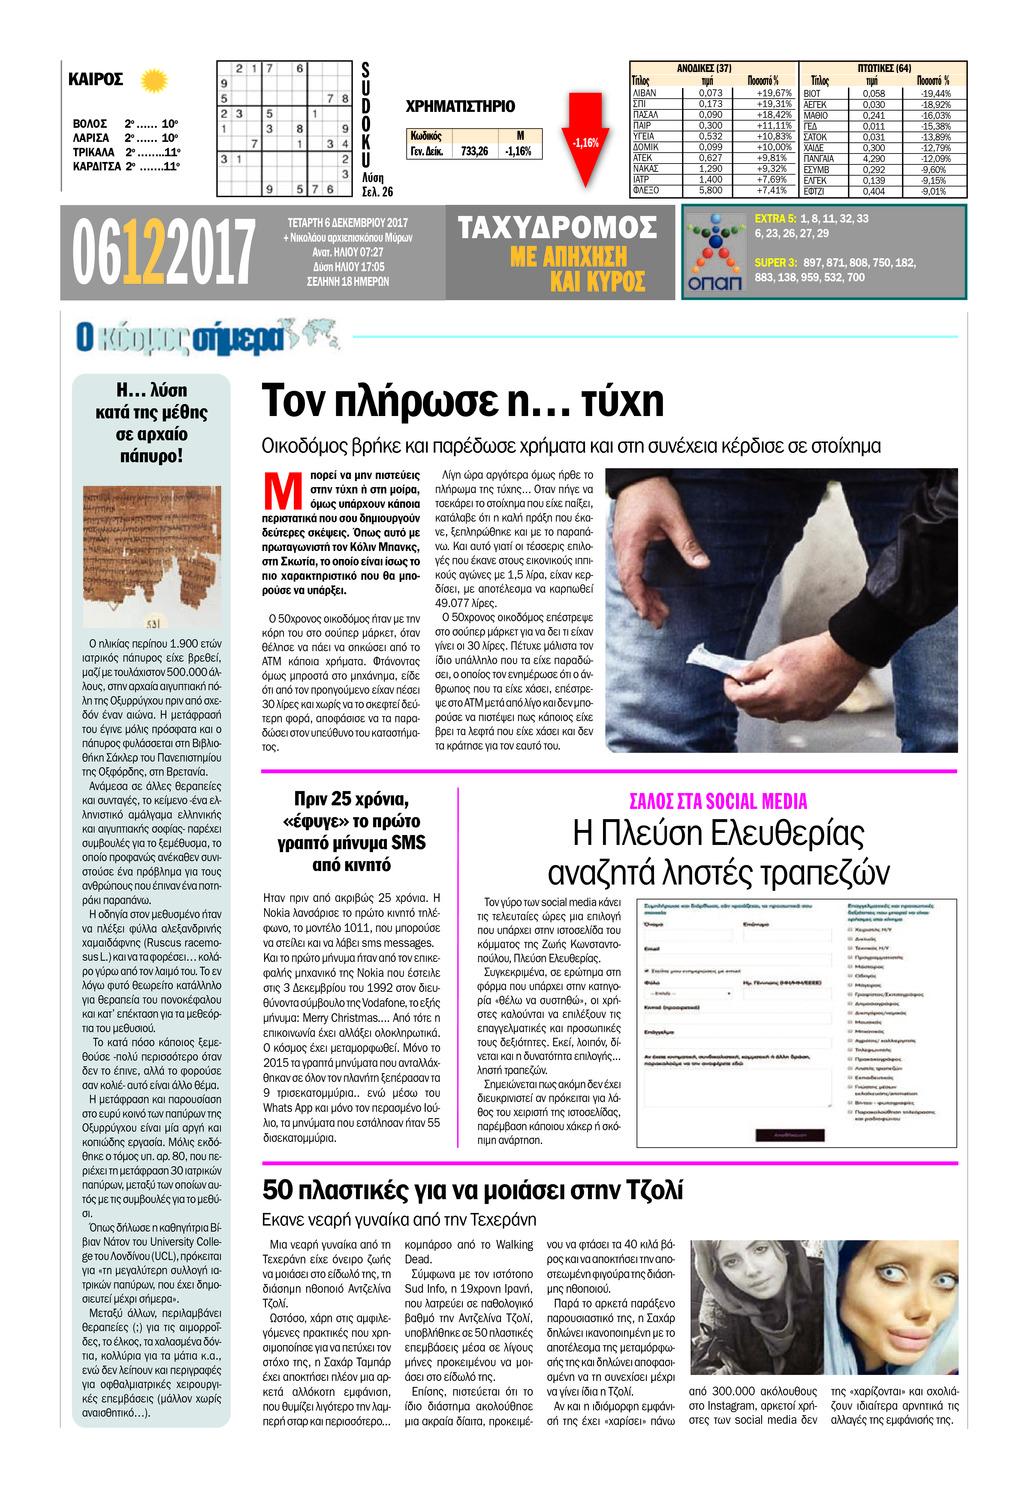 Οπισθόφυλλο εφημερίδας Ταχυδρόμος